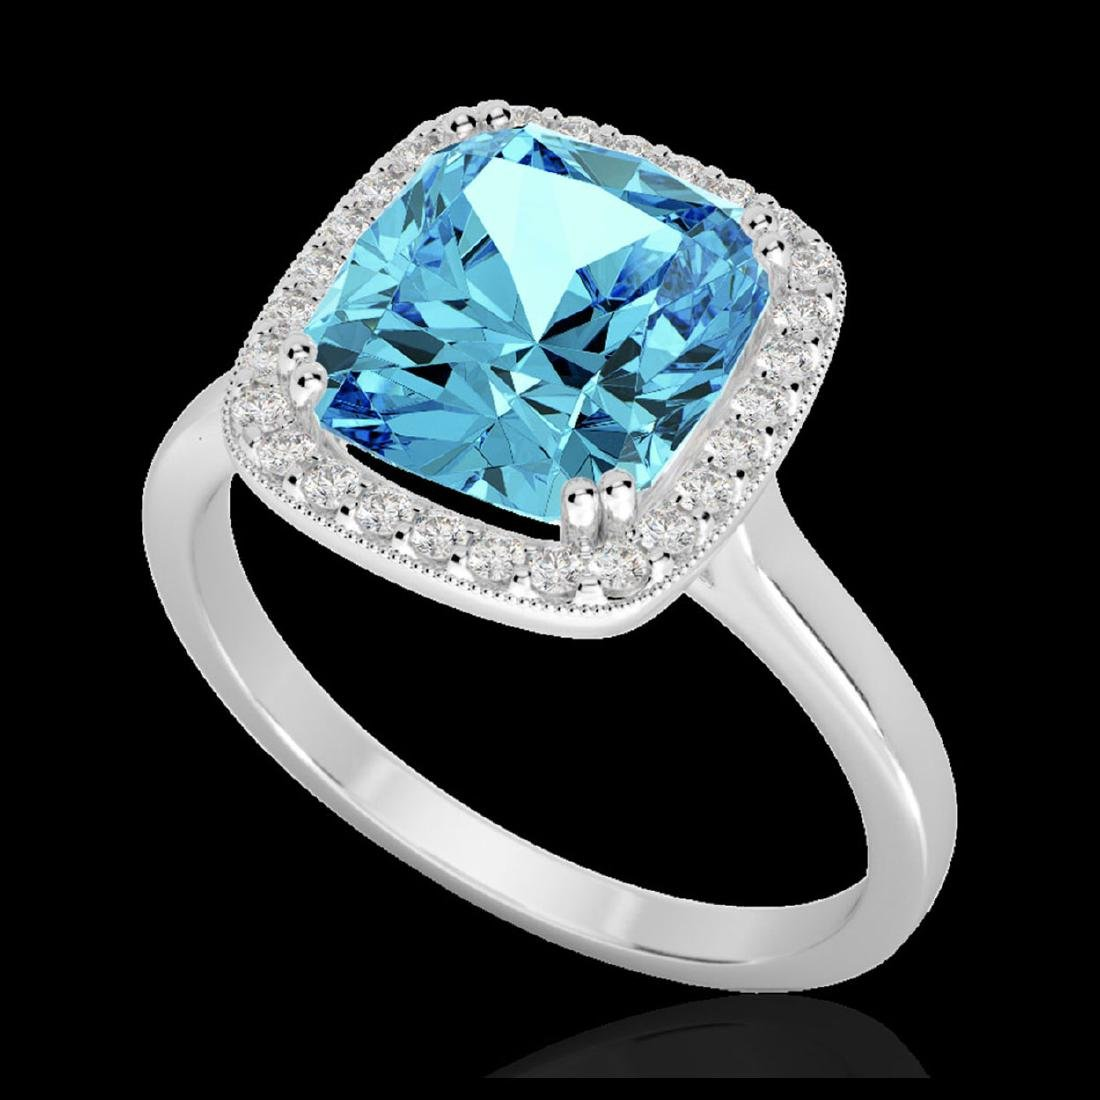 3.50 CTW Sky Blue Topaz & VS/SI Diamond Halo Ring 18K - 2